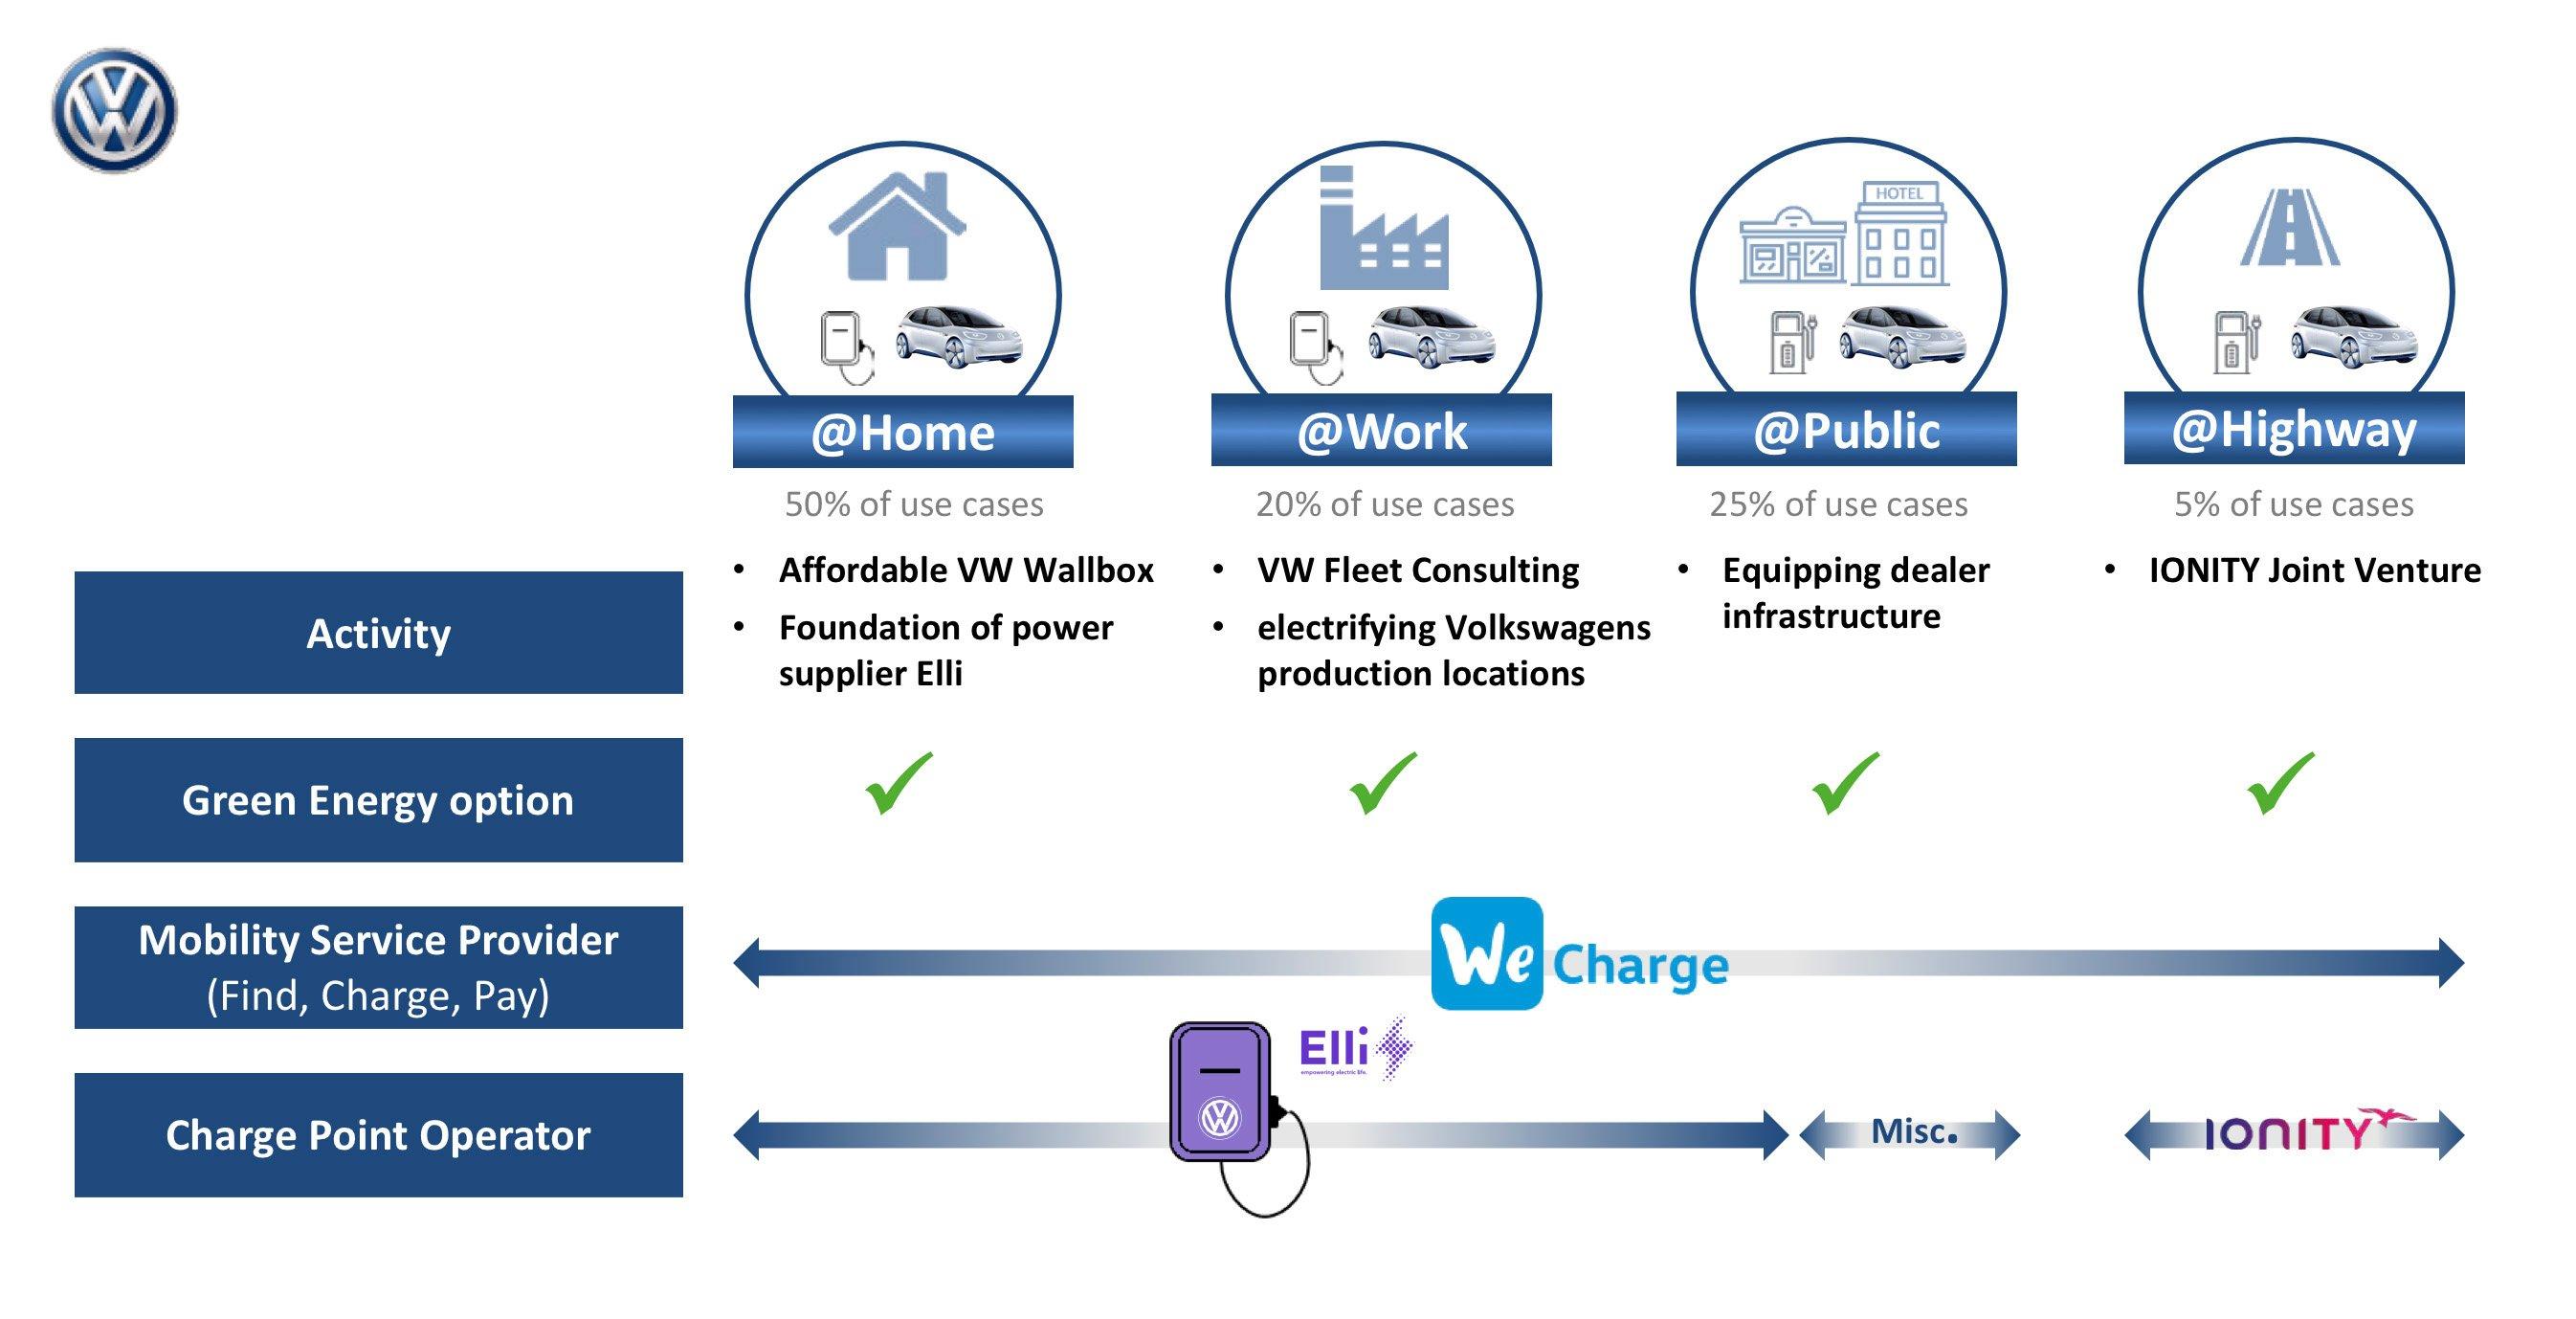 volkswagen-charging-use-cases